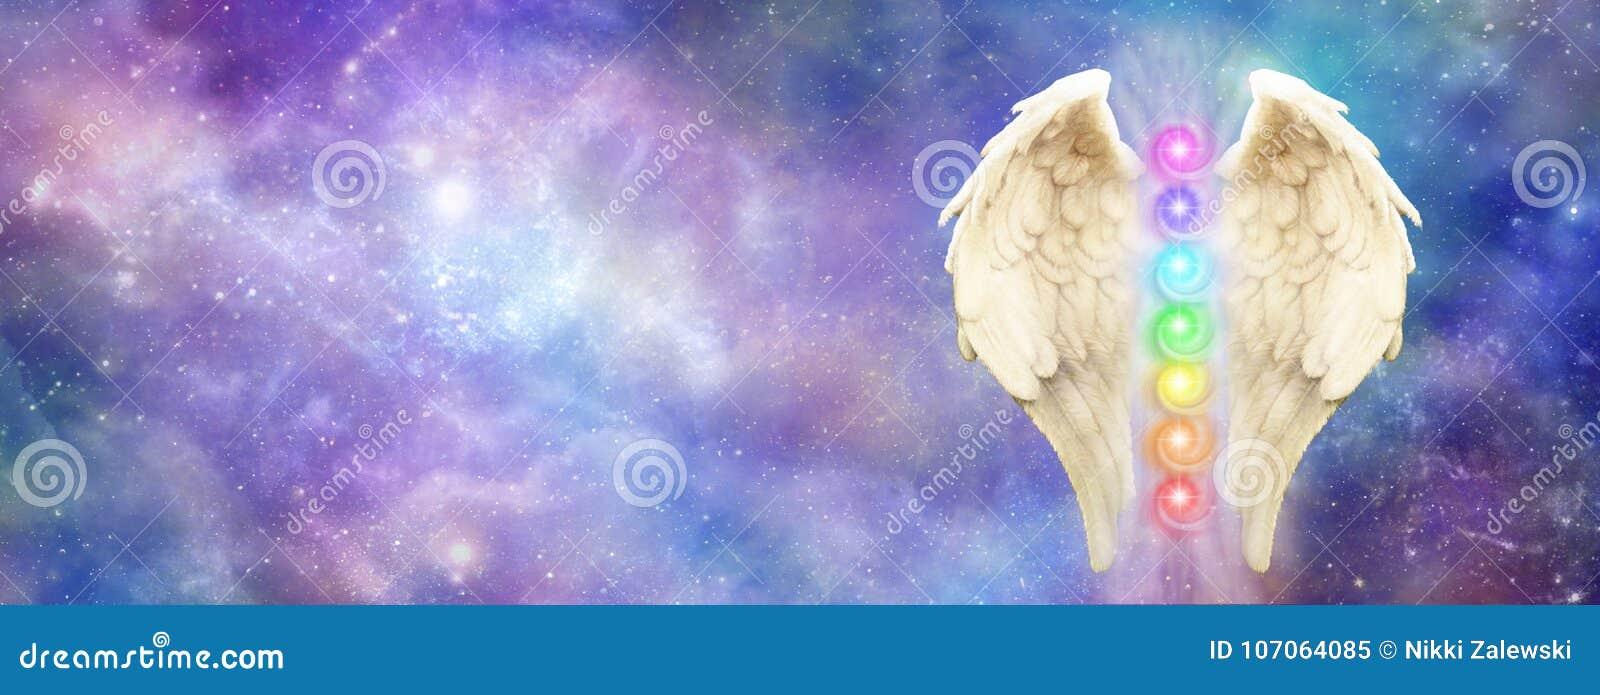 Ангеликовое космическое знамя вебсайта попечителя